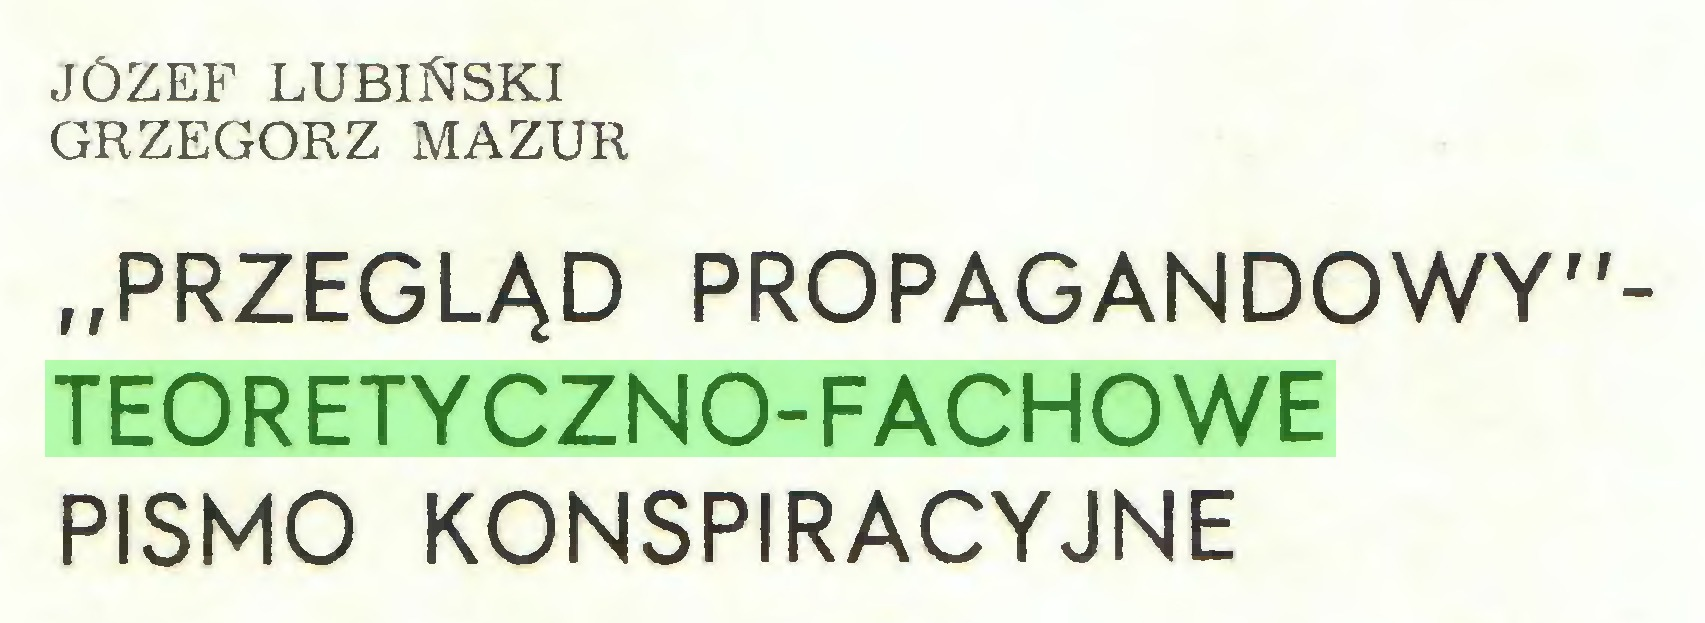 """(...) JÓZEF LUBIŃSKI GRZEGORZ MAZUR """"PRZEGLĄD PROPAGANDOWY""""TEORETYCZNO-FACHOWE PISMO KONSPIRACYJNE..."""